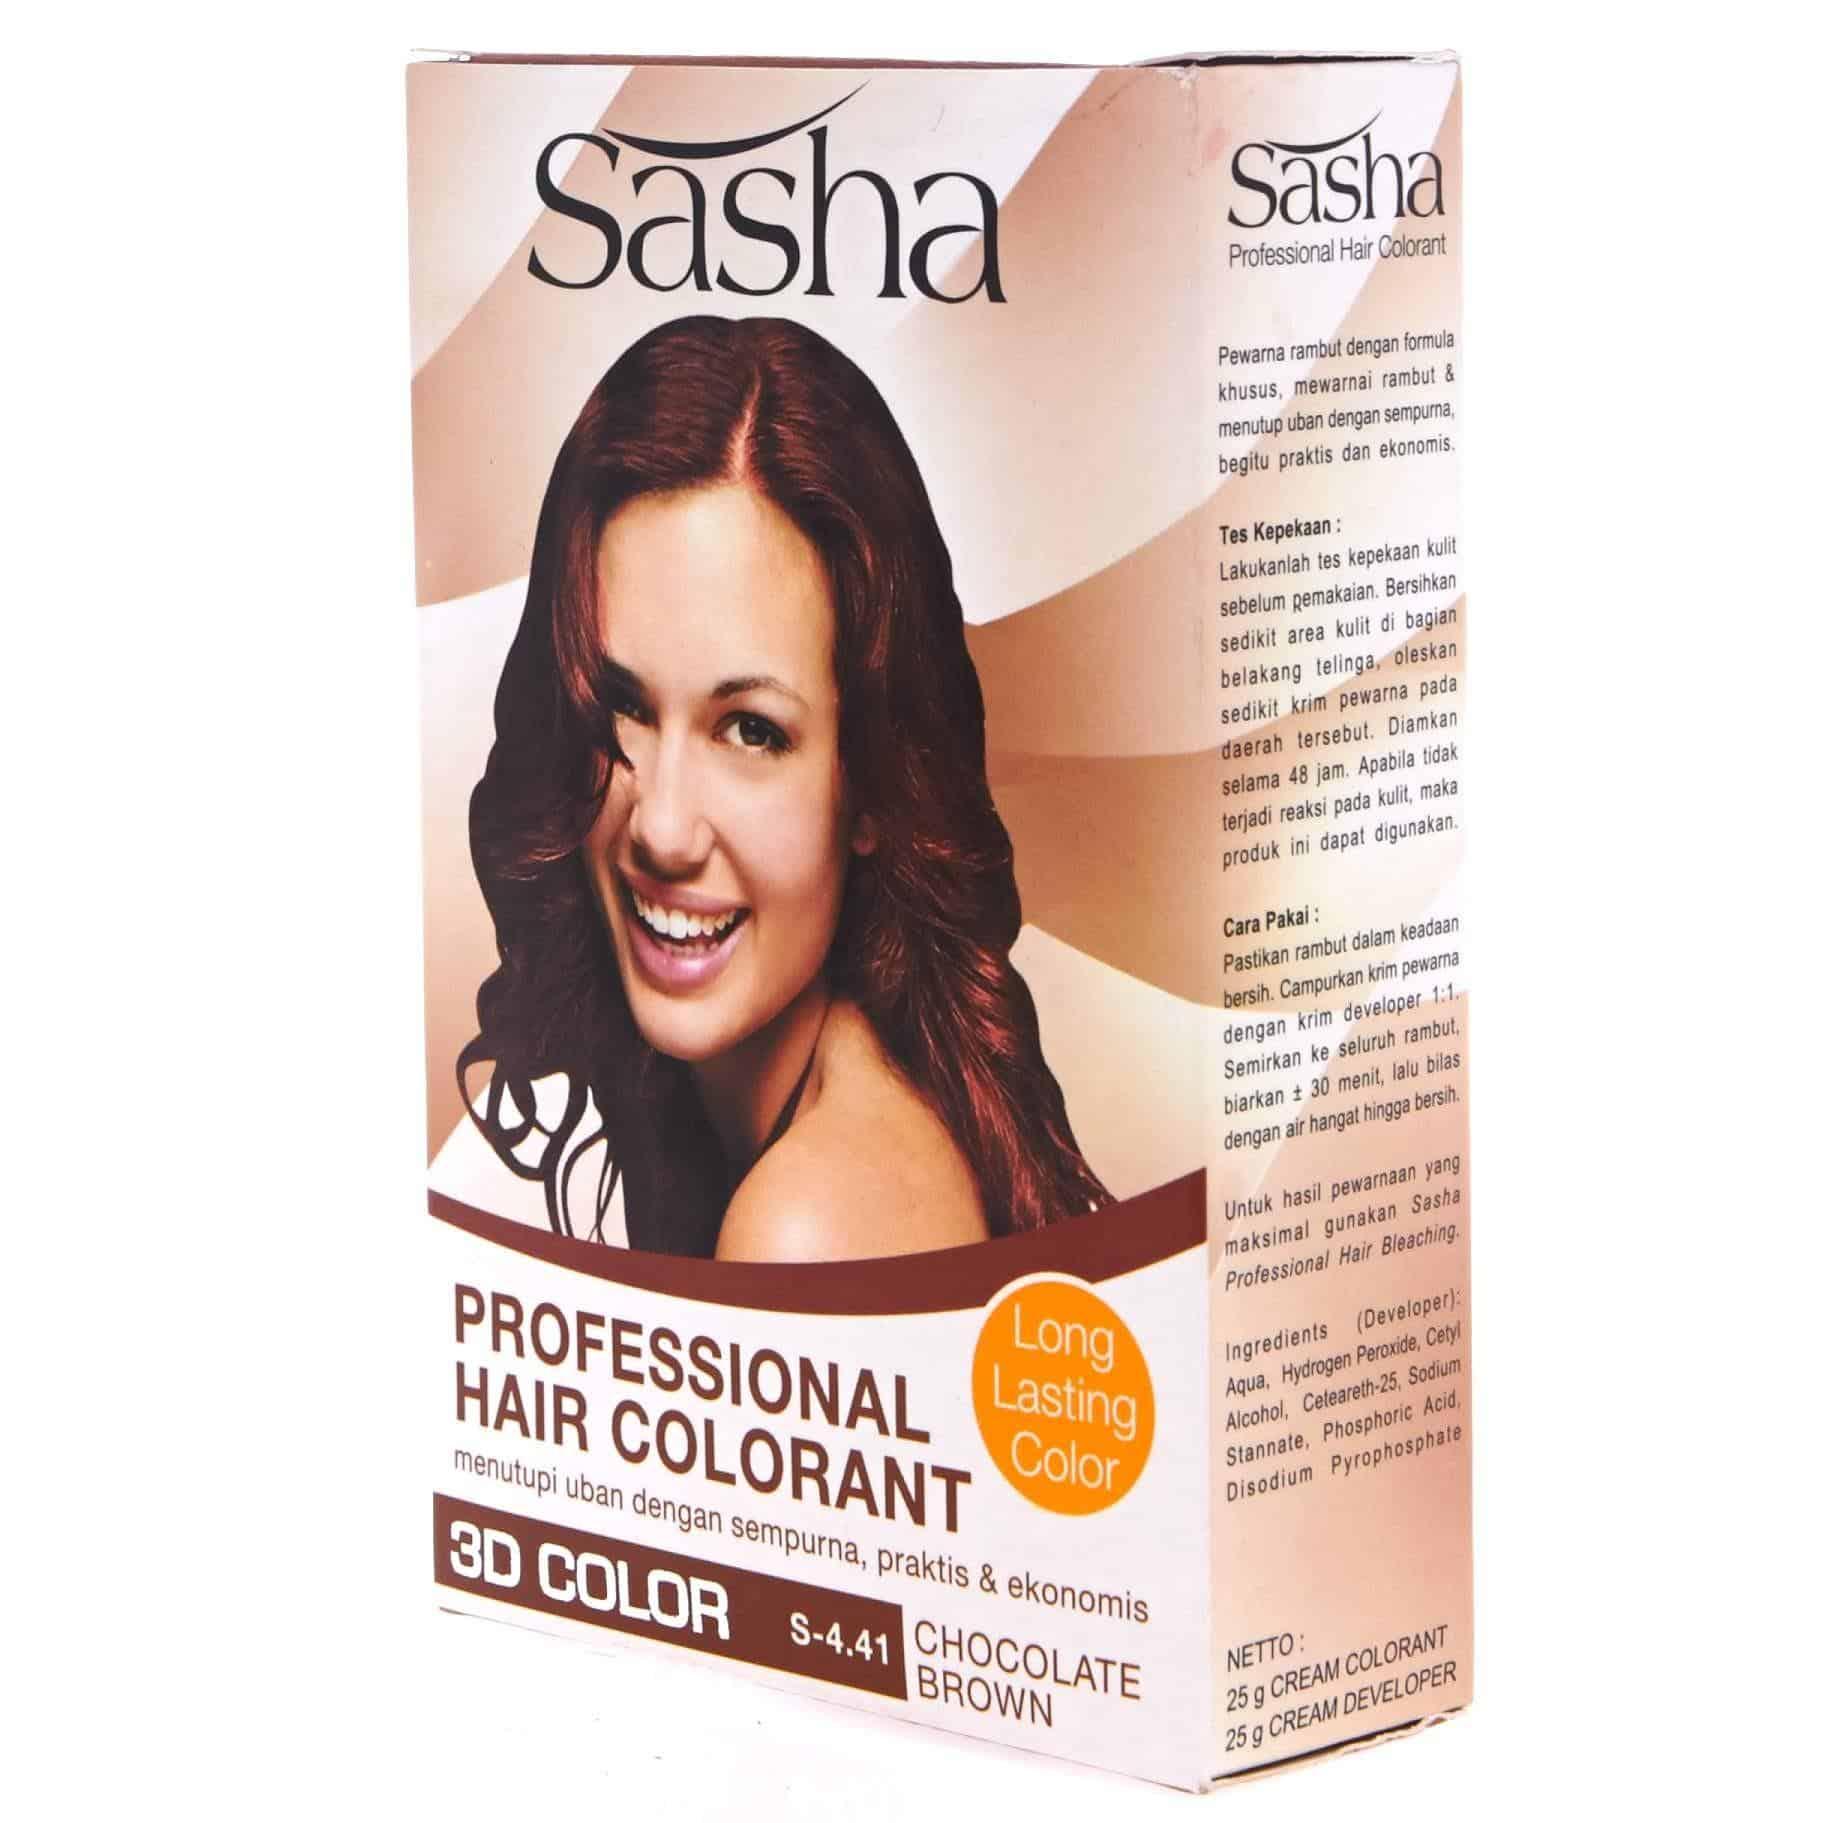 Sasha-Hair-Colorant